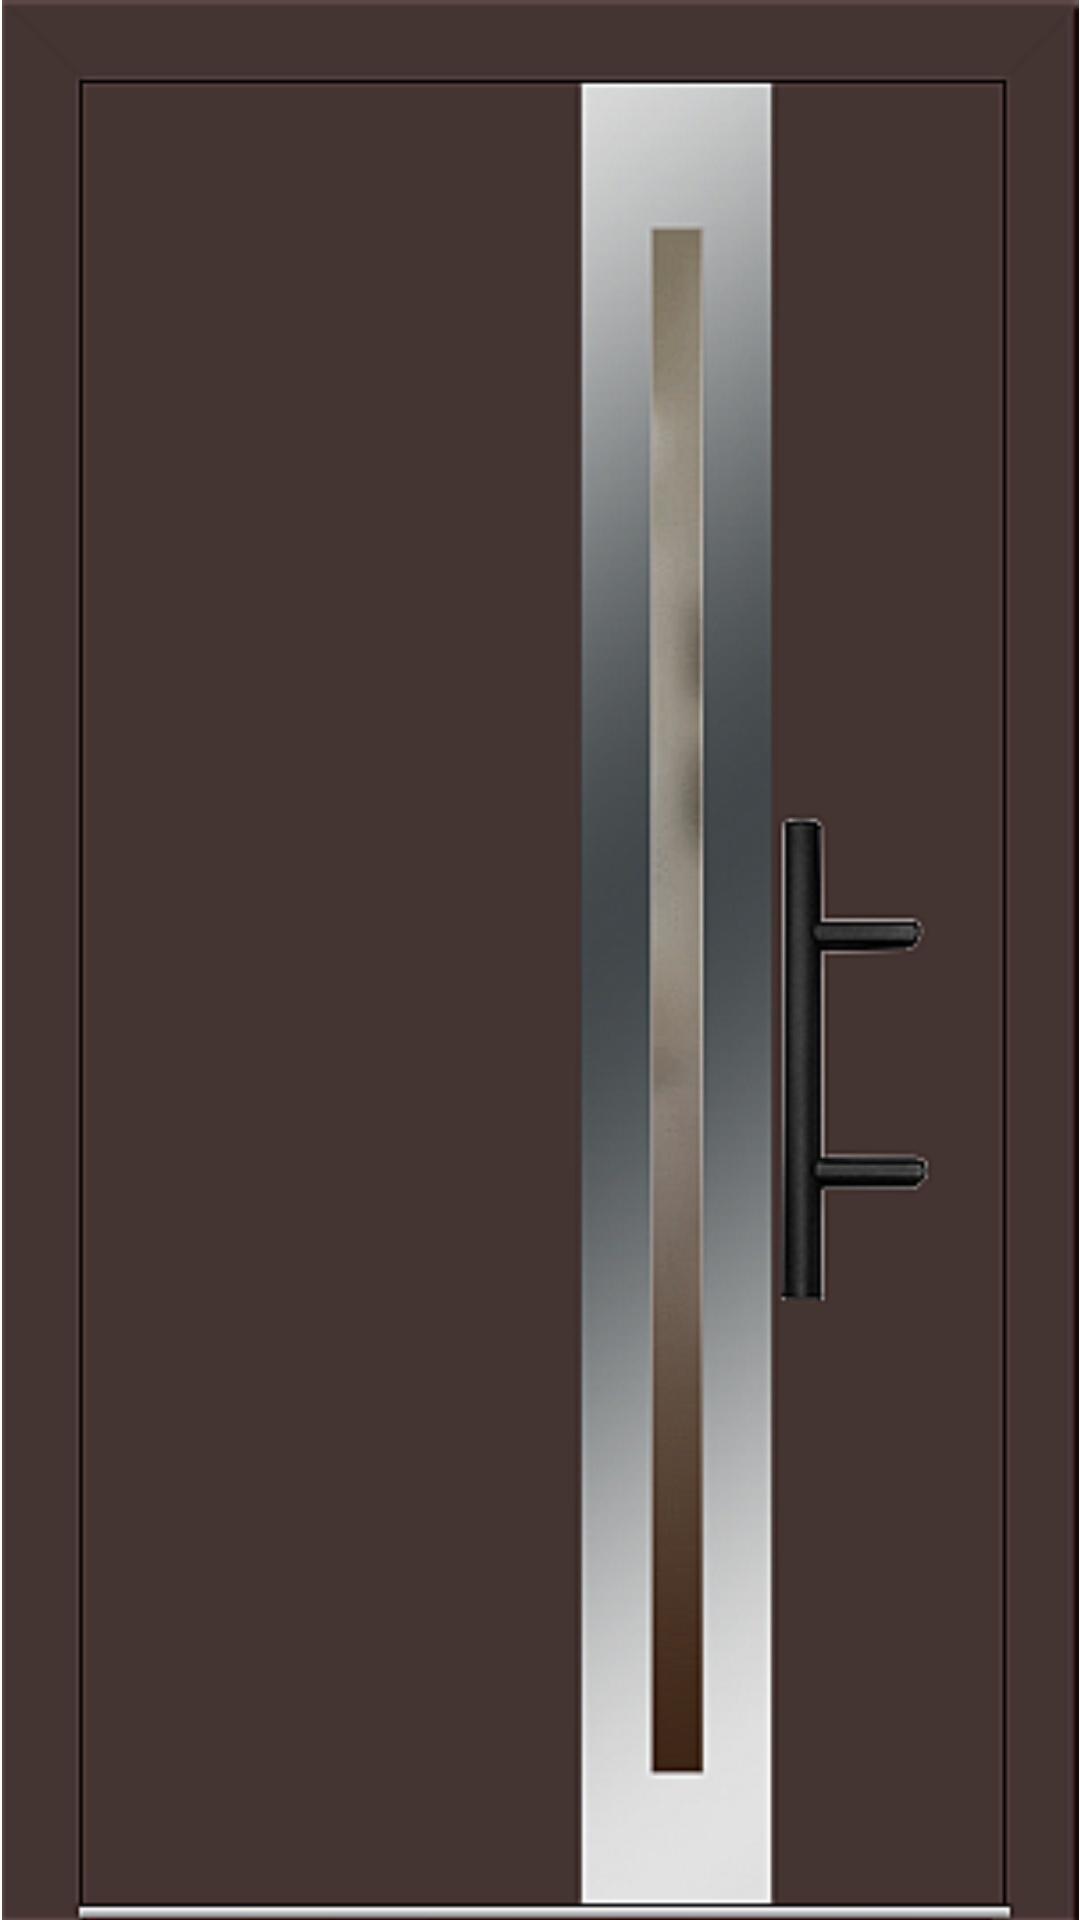 Holz-Alu Haustür Modell 66398 mahagonibraun